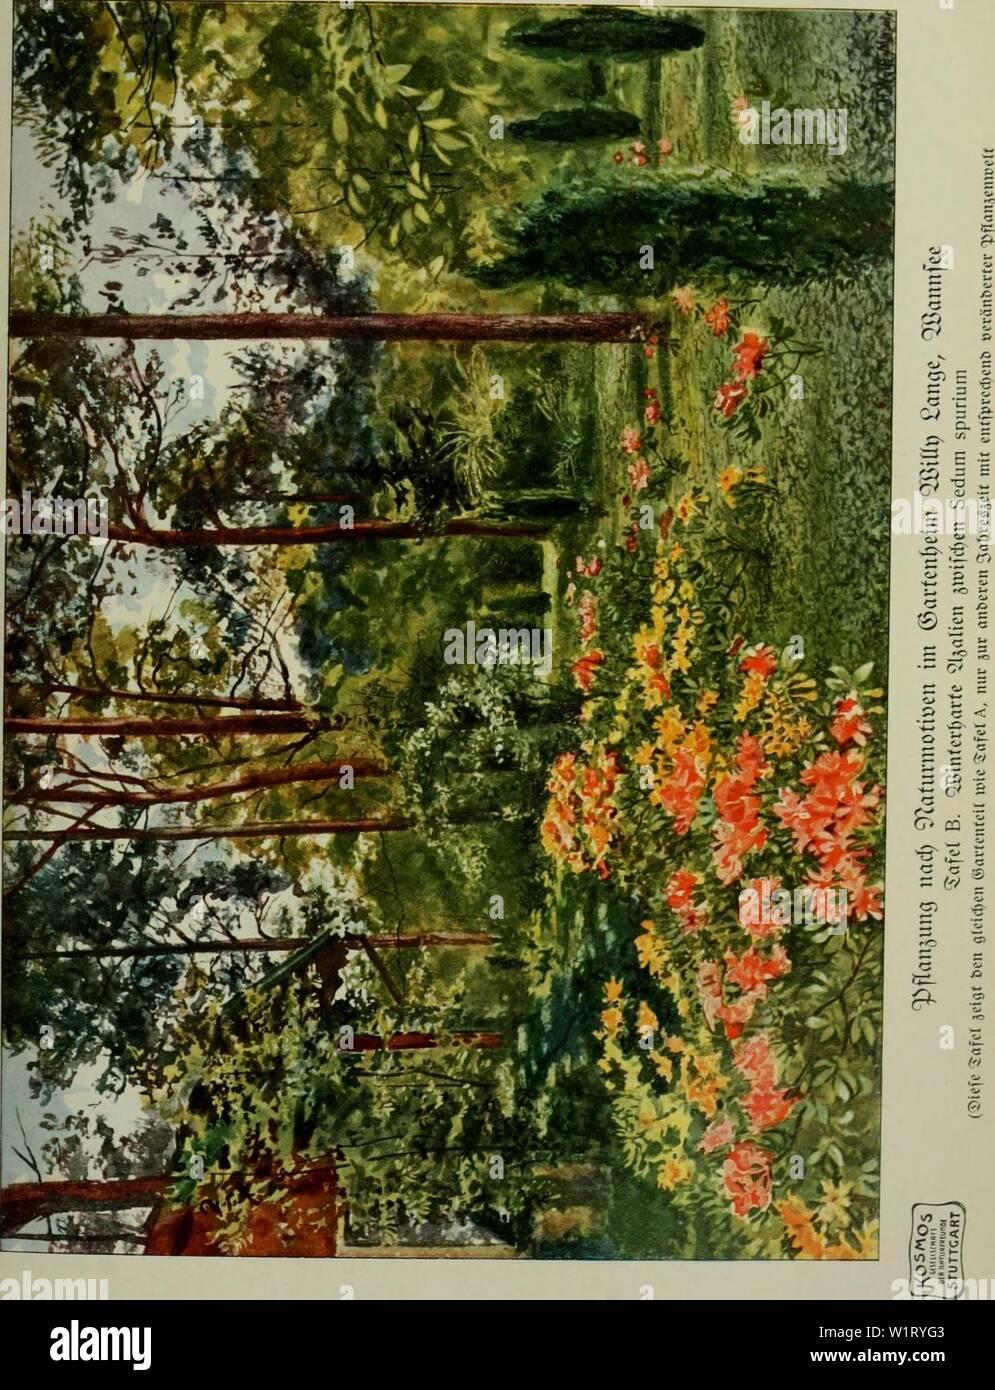 Immagine di archivio da pagina 84 di Das Leben der Pflanze (1906). Das Leben der Pflanze daslebenderpflan07fran Anno: 1906 Foto Stock